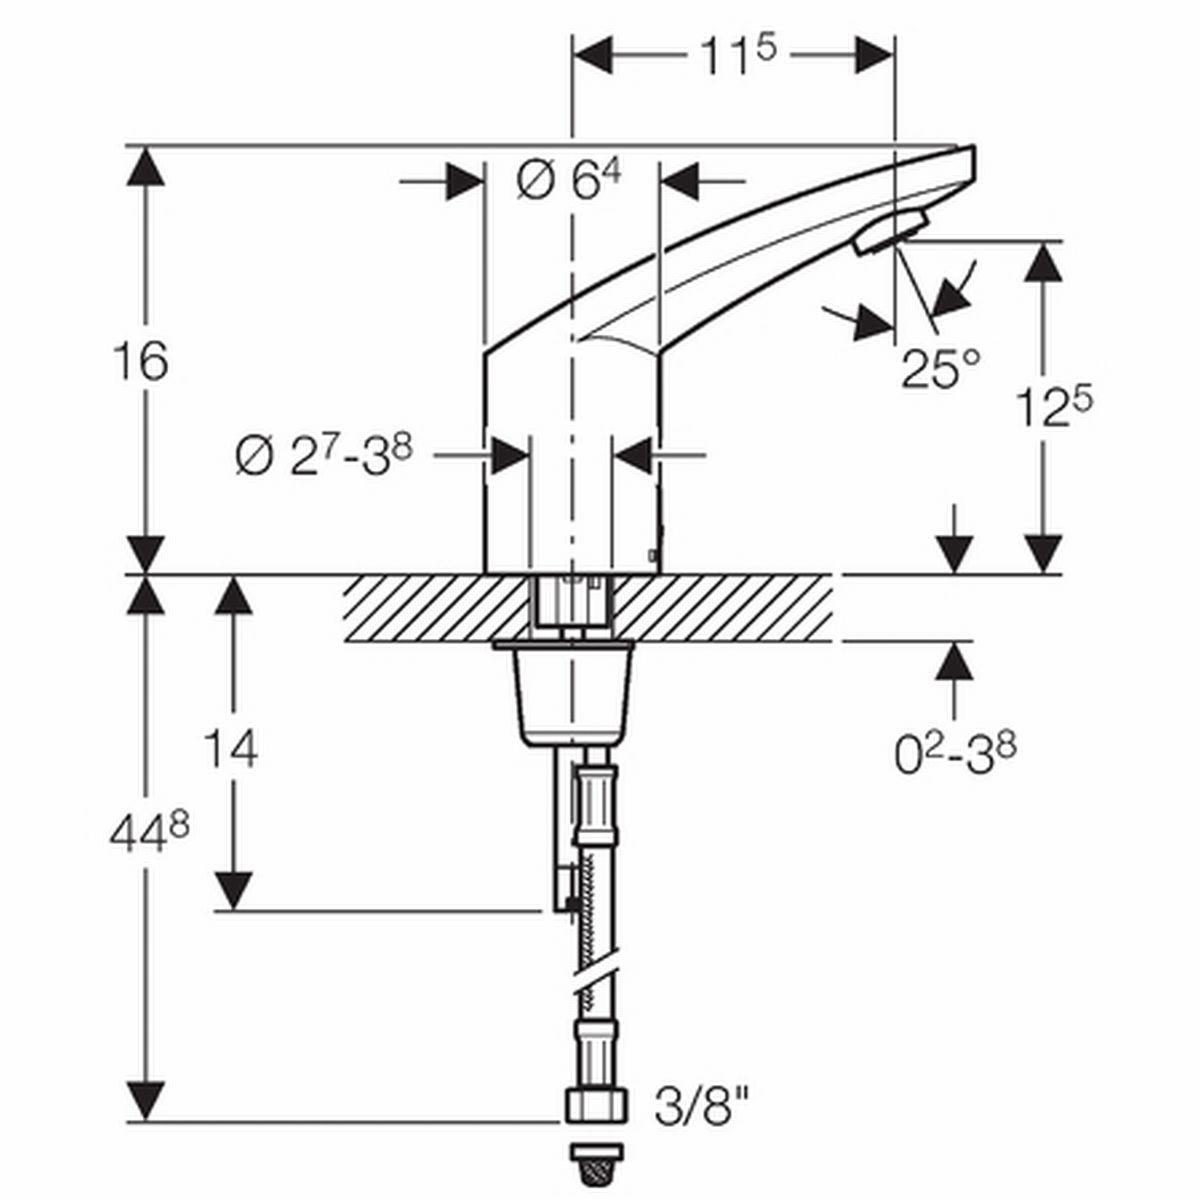 Geberit Type 185 Robinet Lavabo Electronique Pour Eau